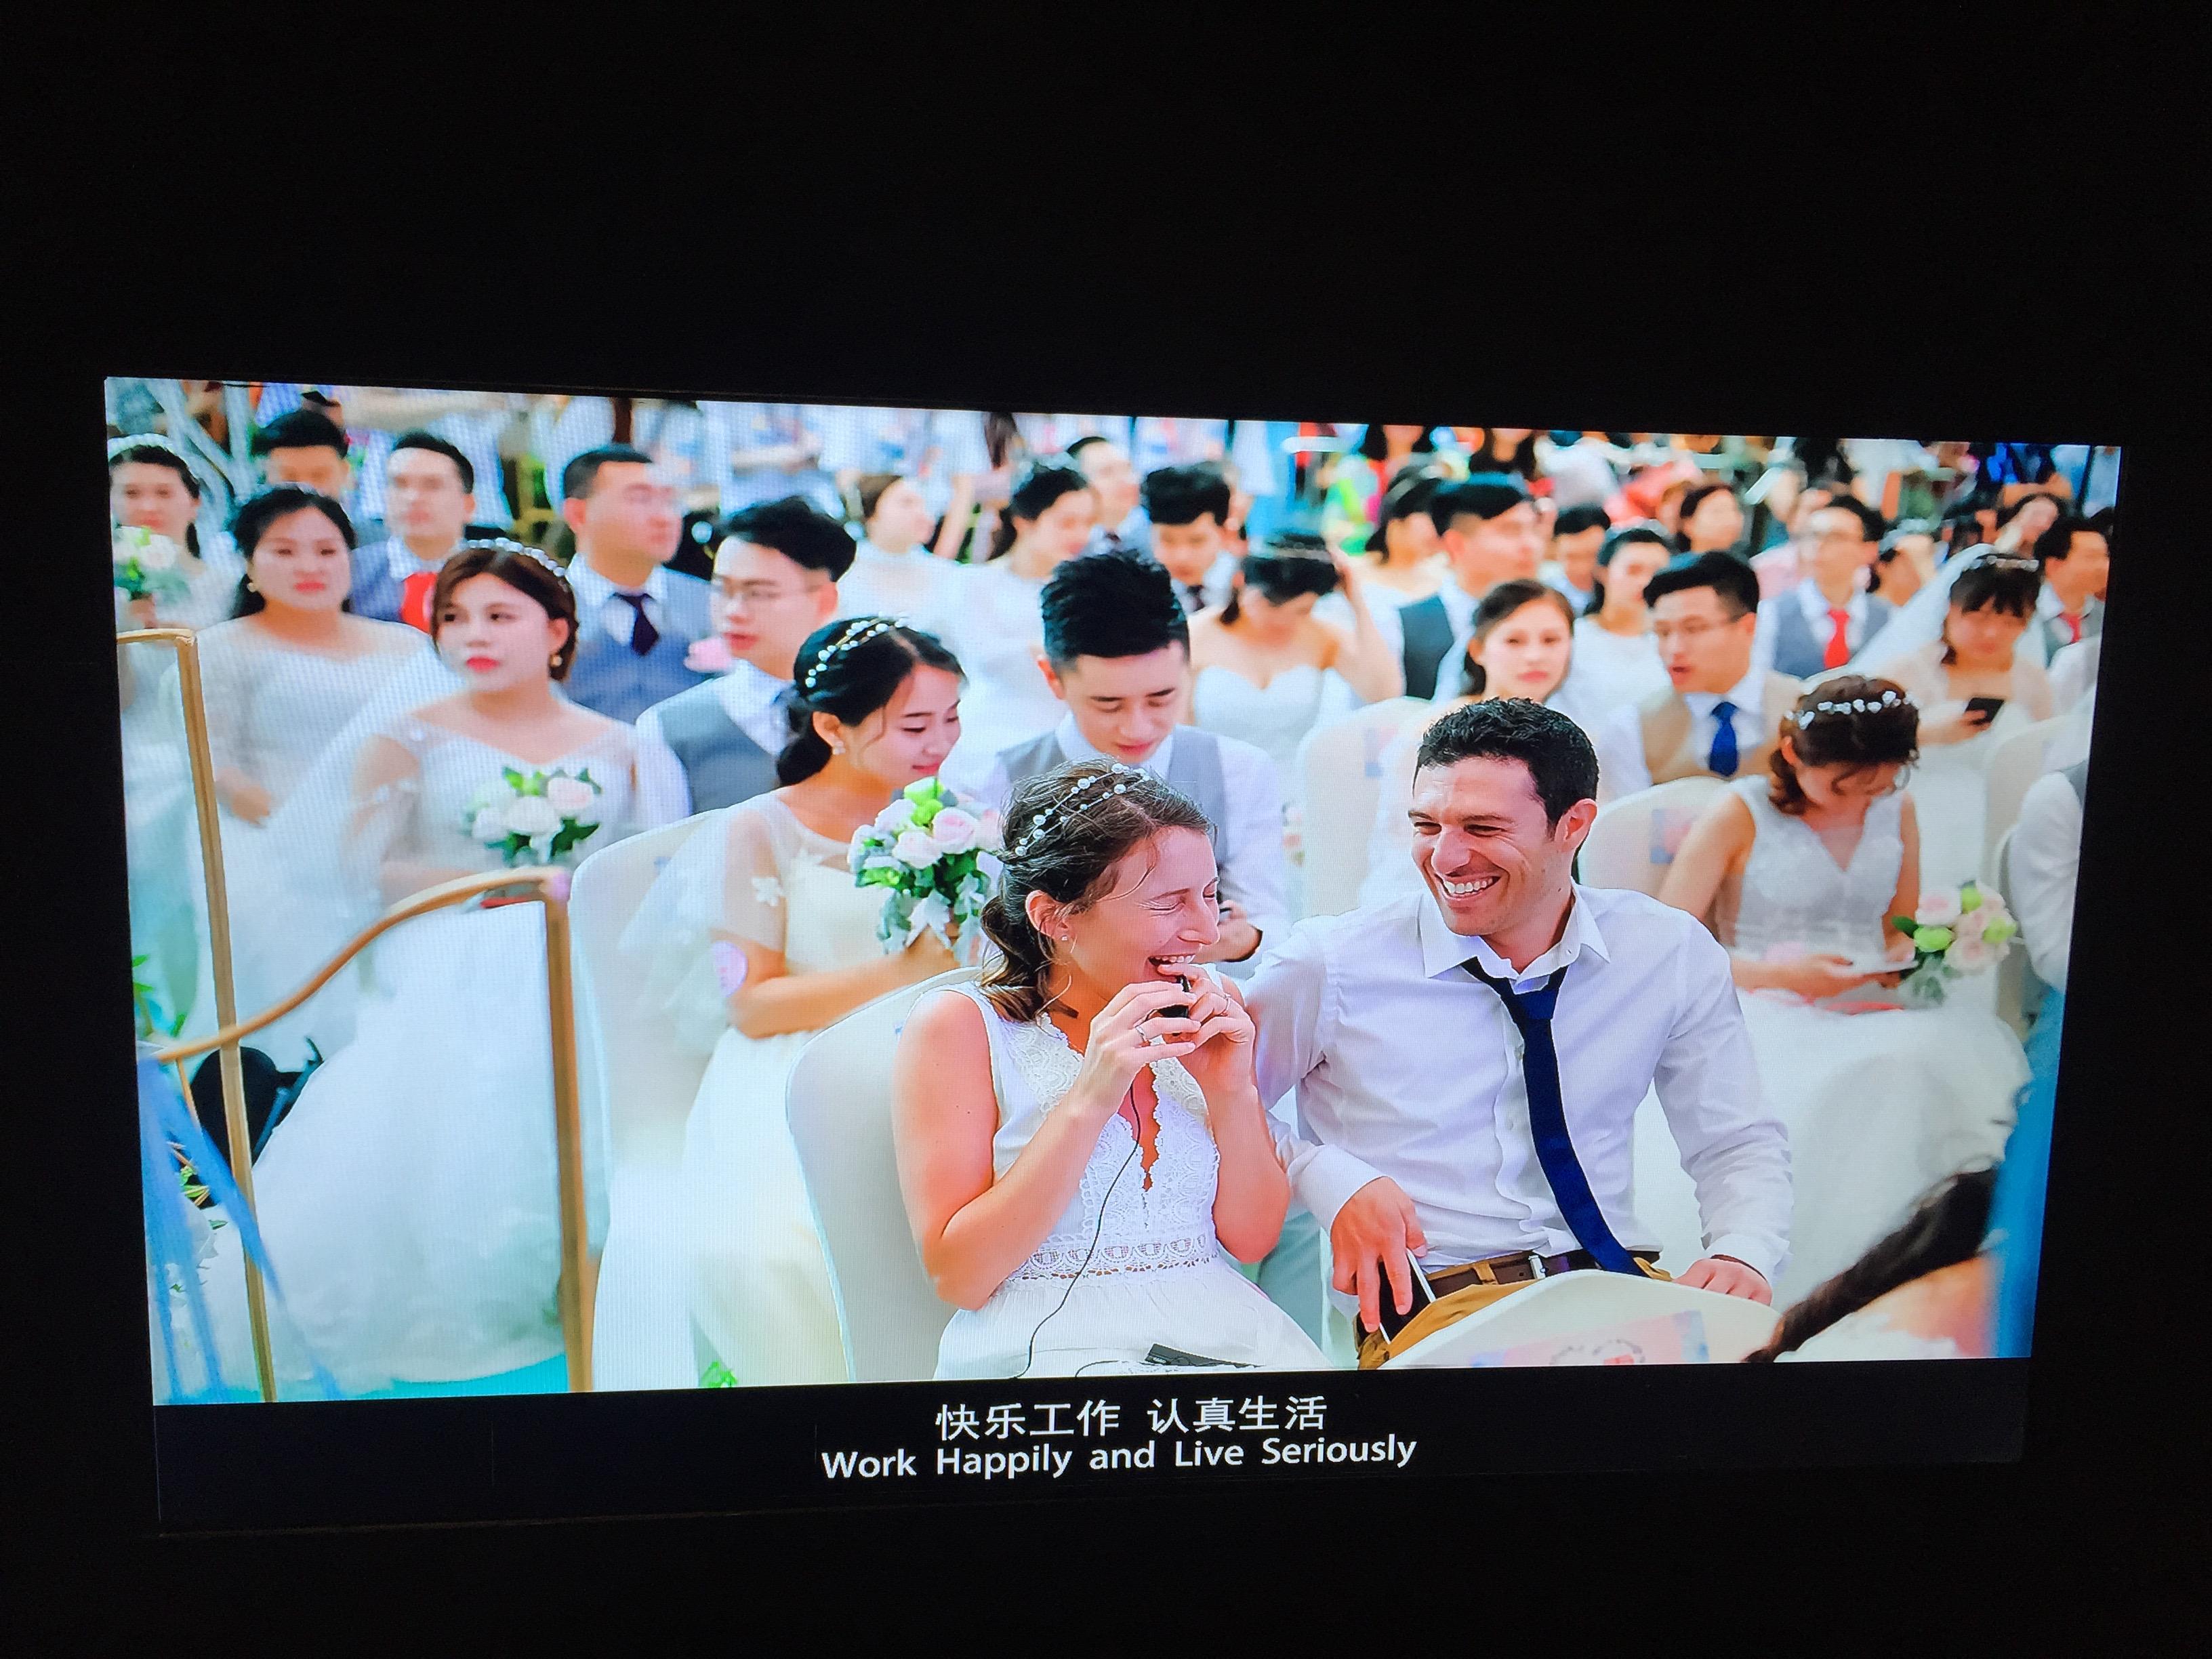 Employee's weddings at Alibaba.